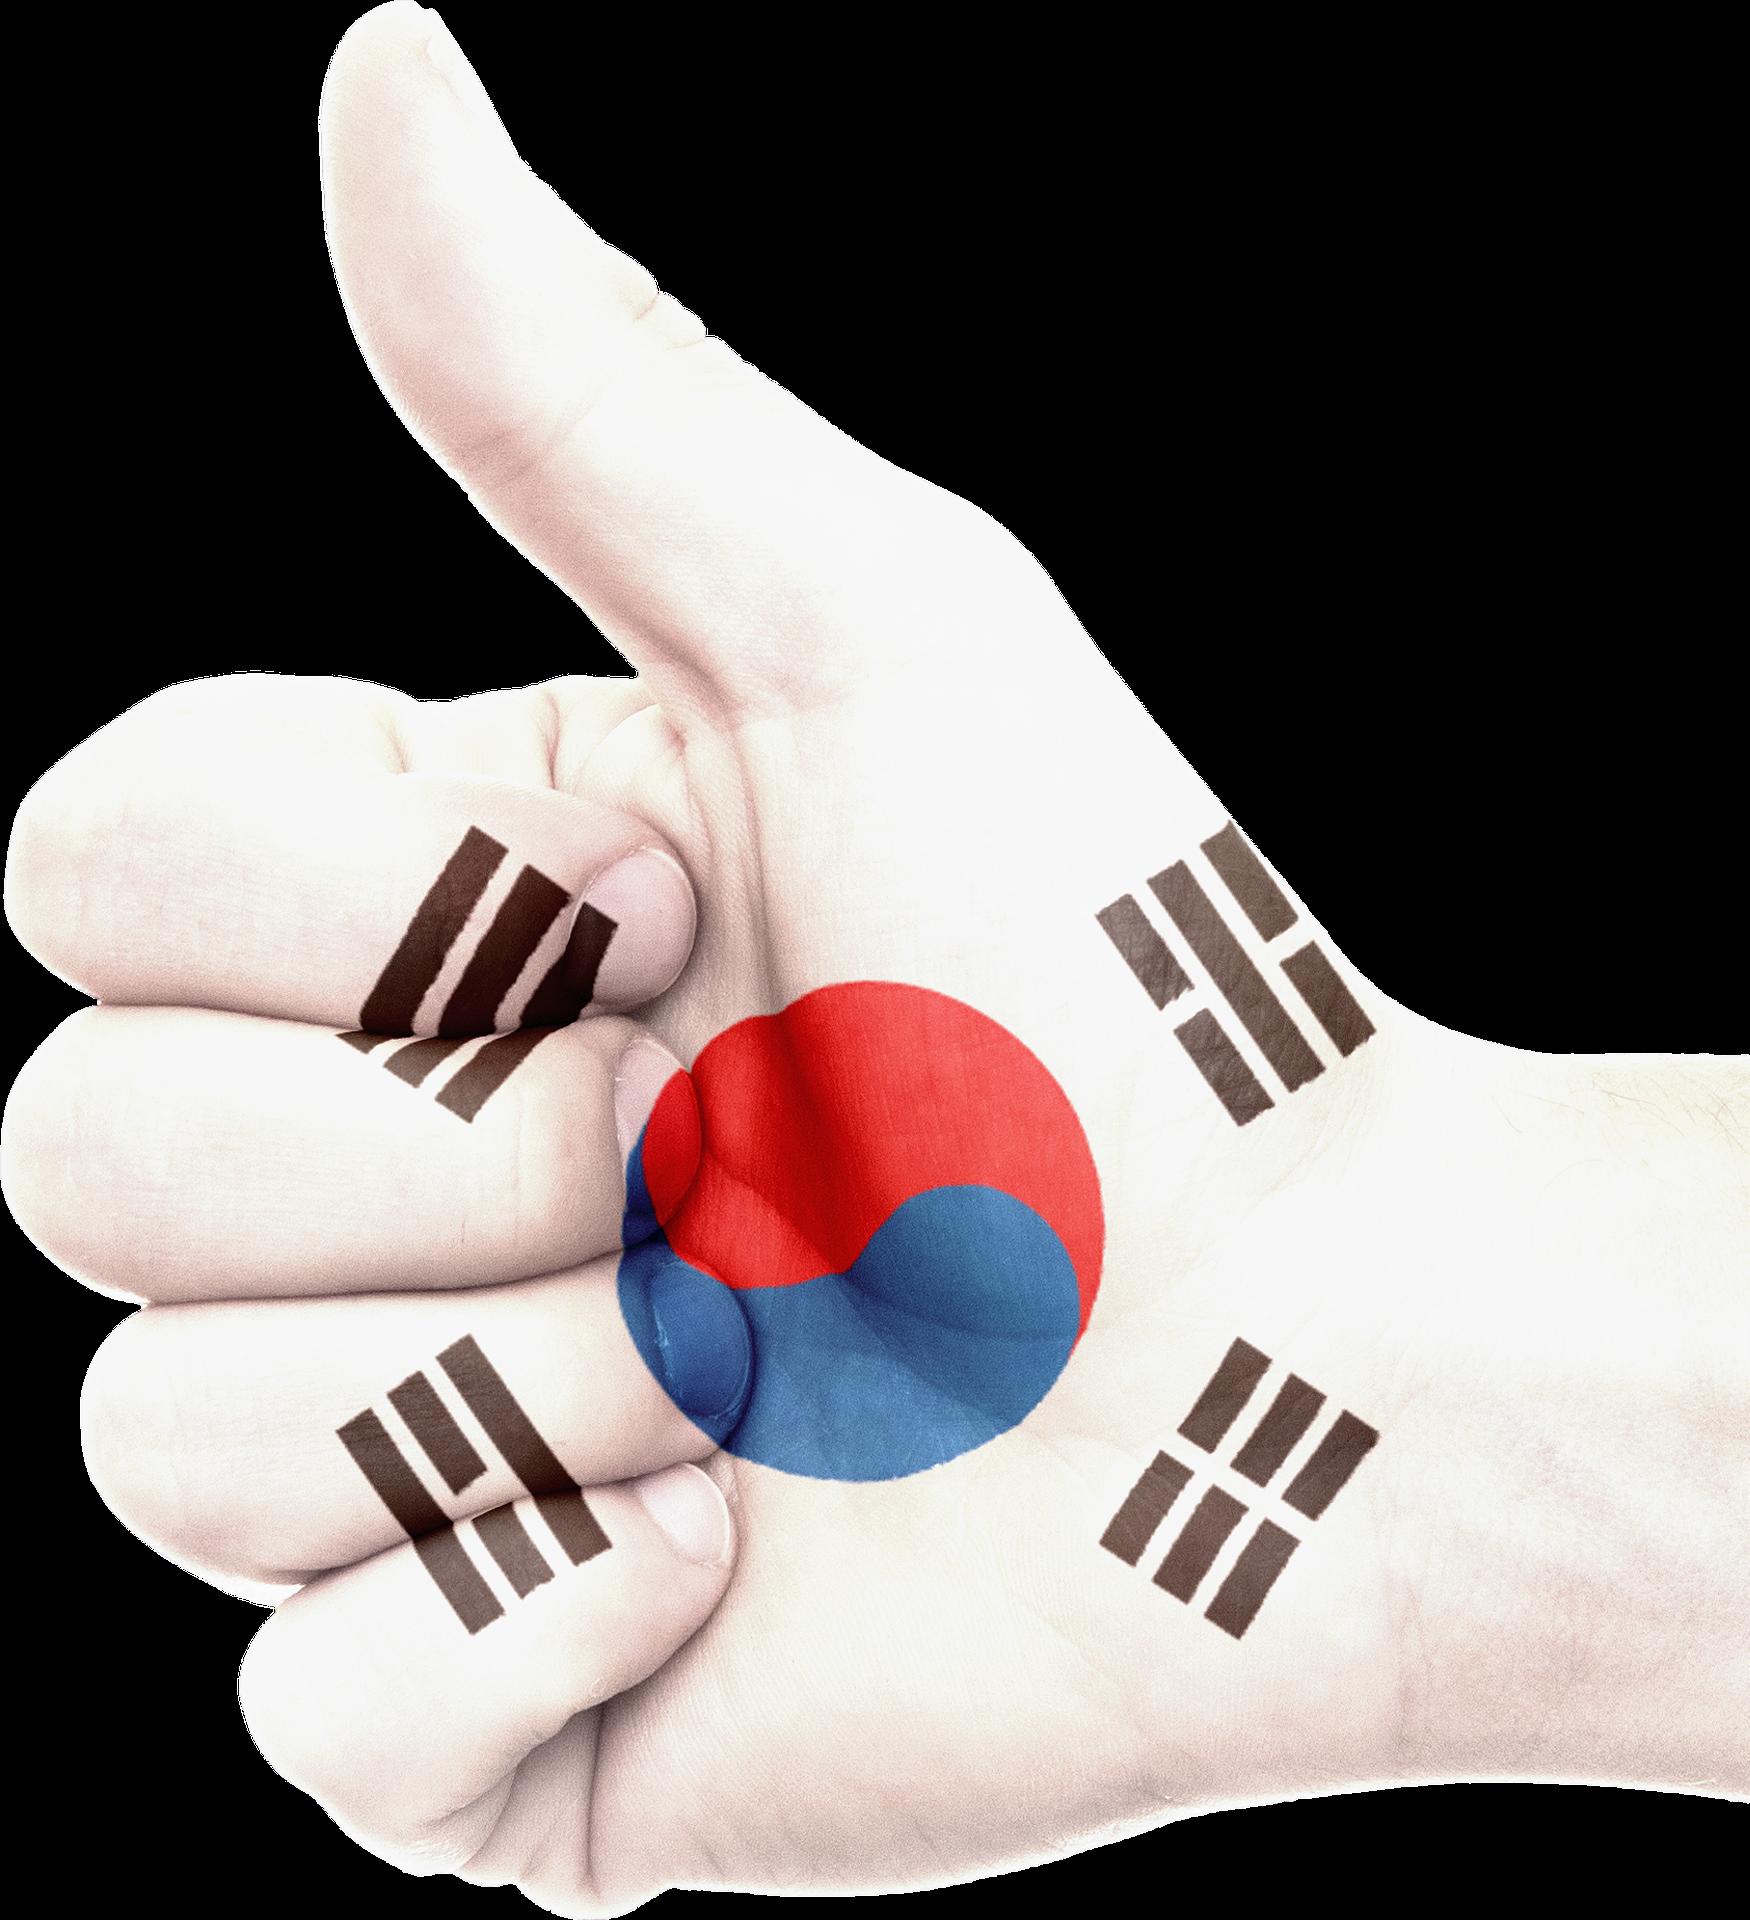 South Korea (Source: Pixabay.com)